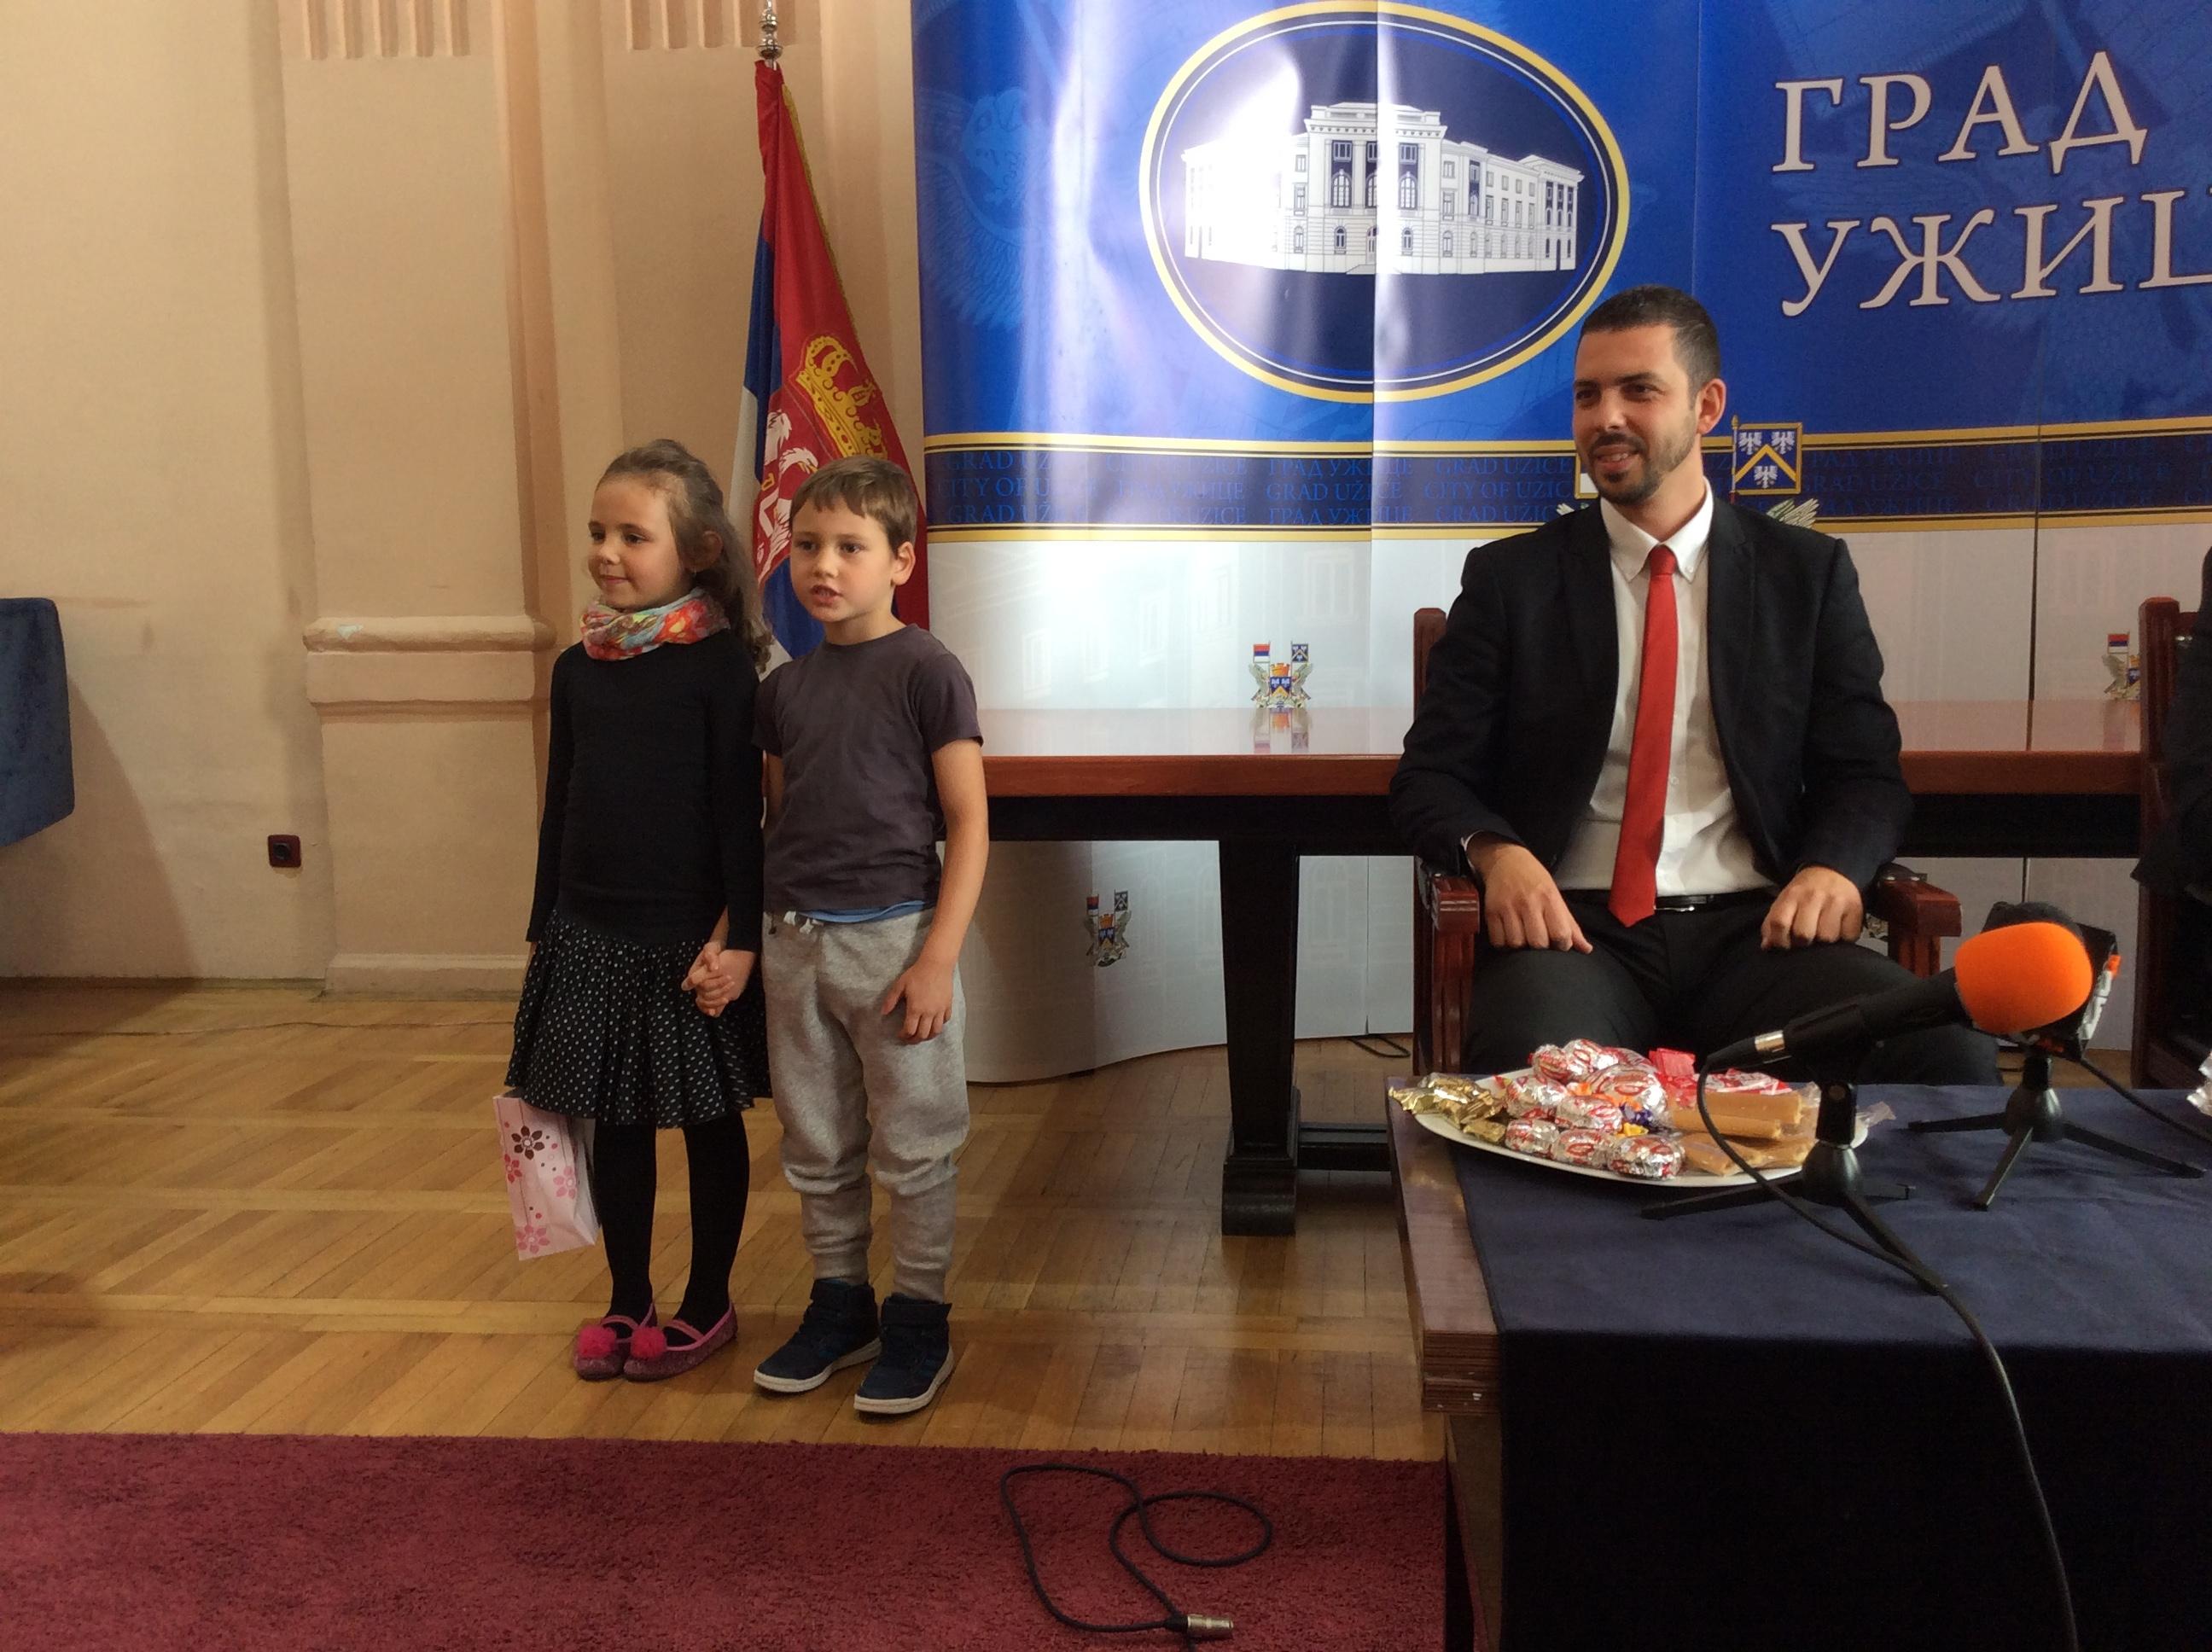 Petar i deca